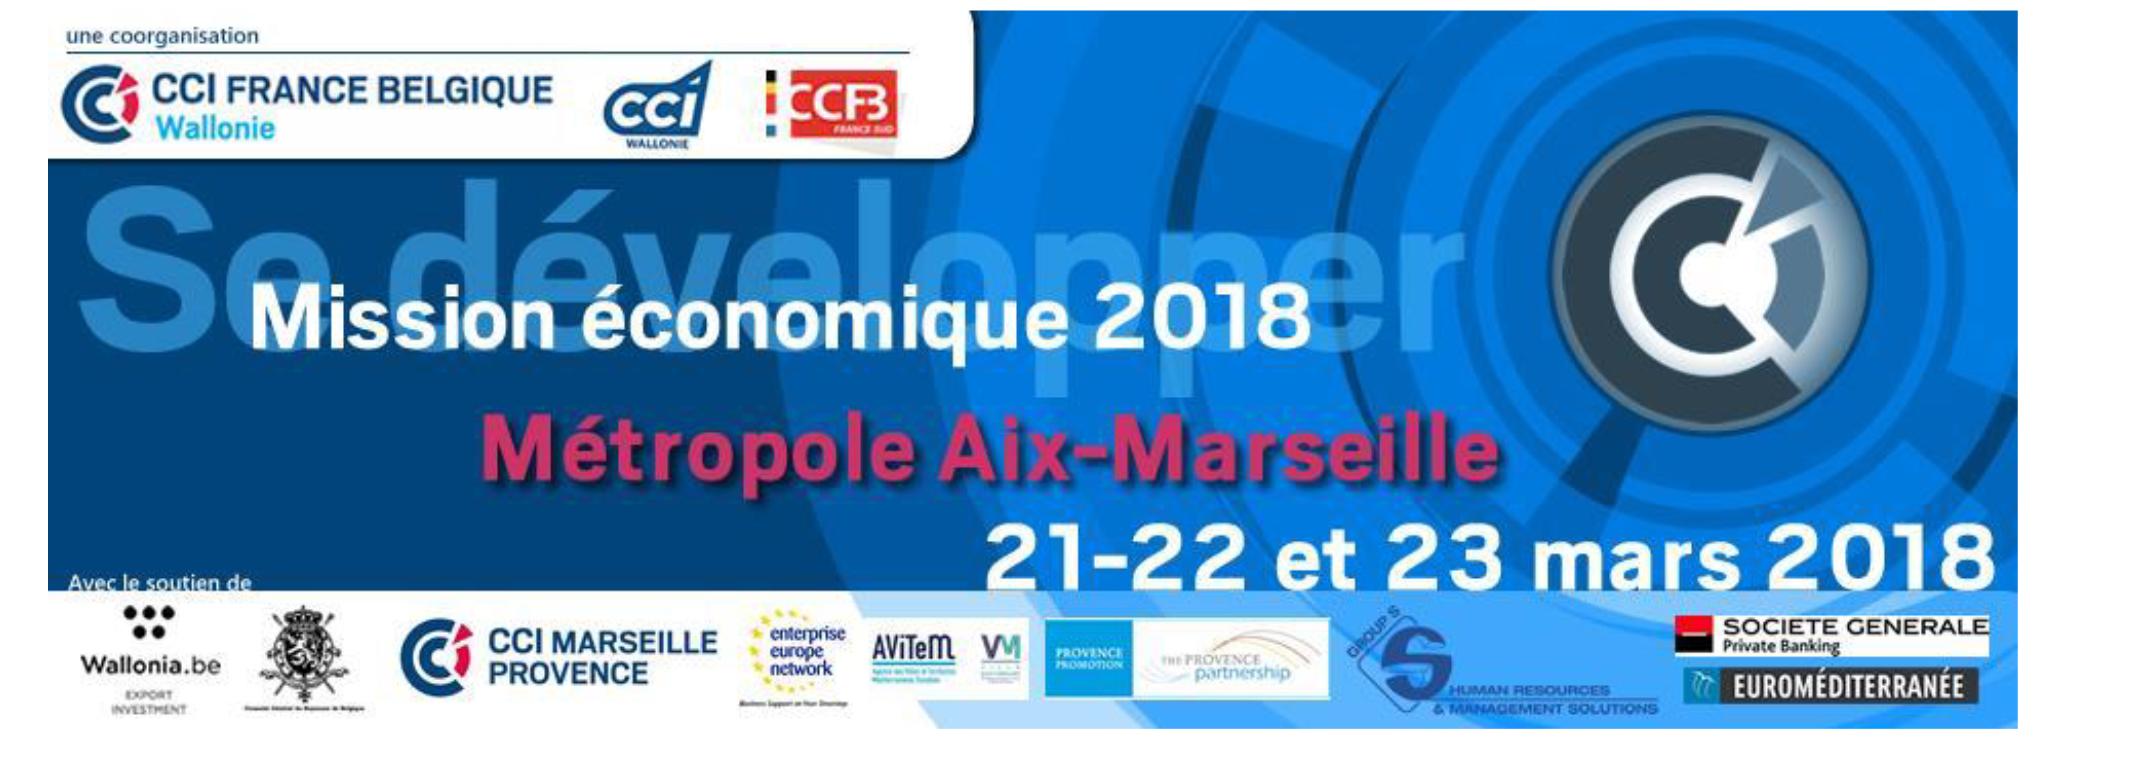 Les 21 et 22 mars 2018 mission conomique de la cci france belgique wallonie ccfb - Chambre de commerce franco belge ...